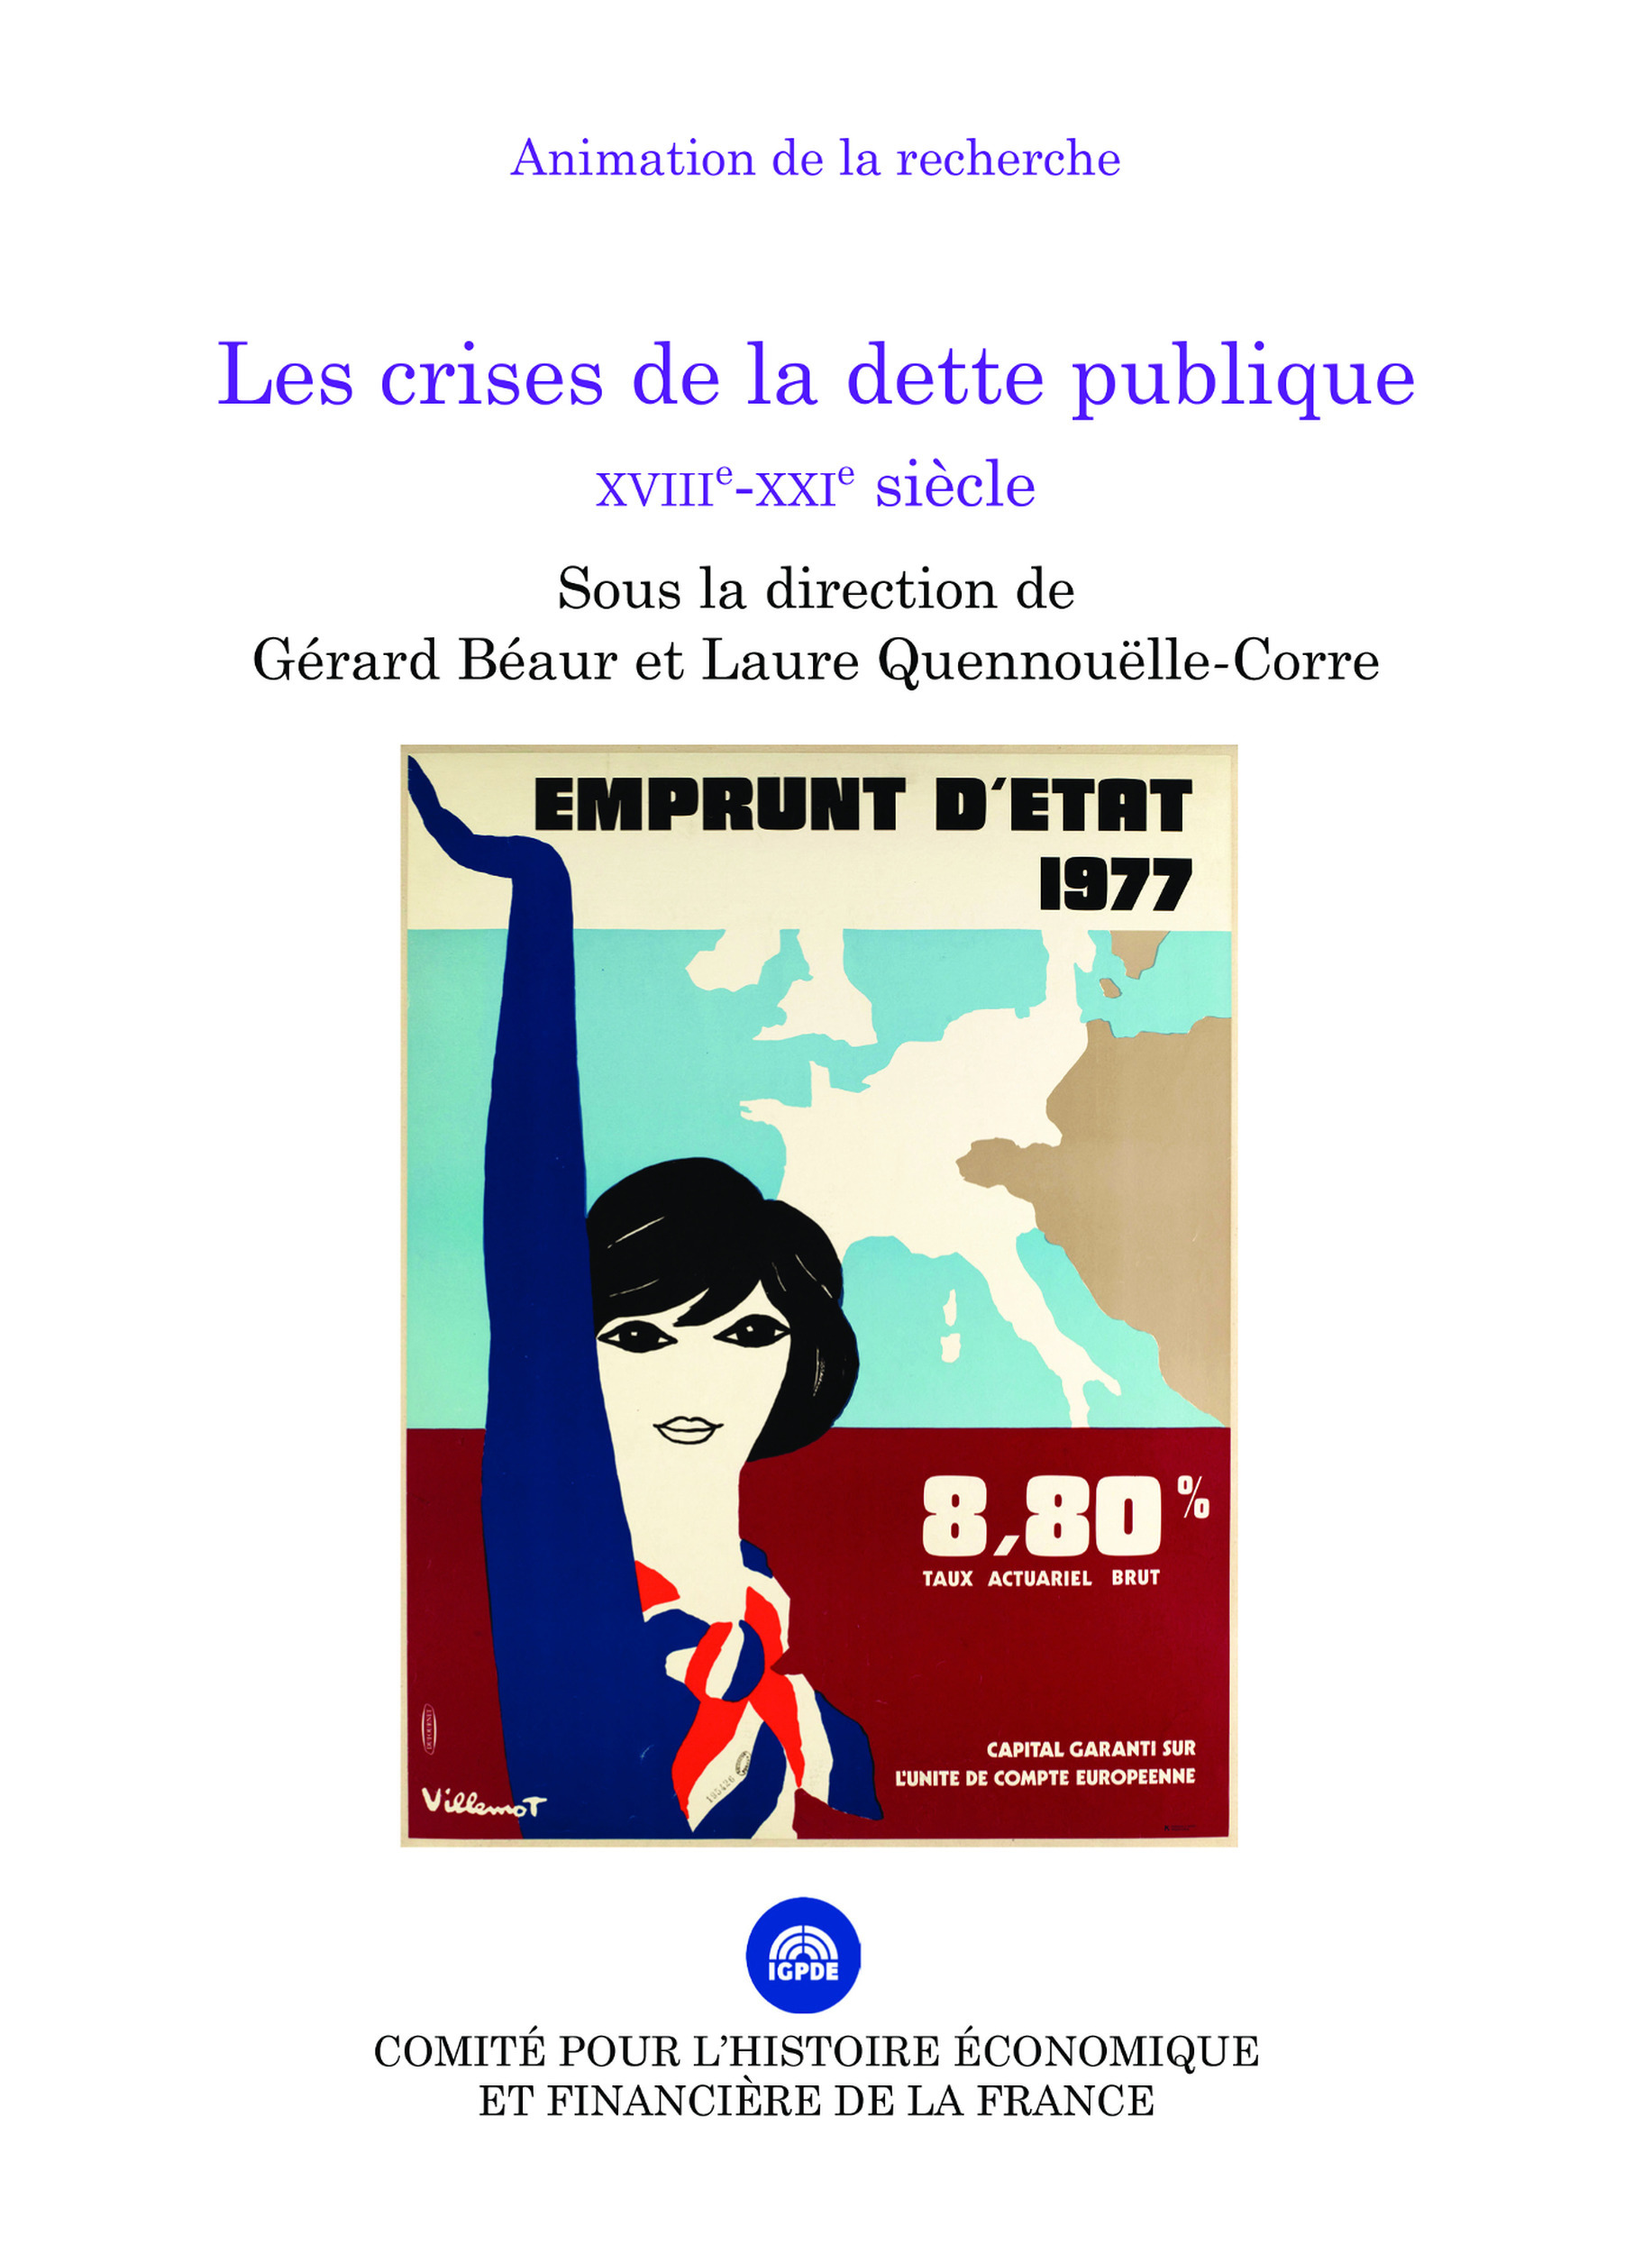 Les crises de la dette publique, XVIIIe-XXIe siècle